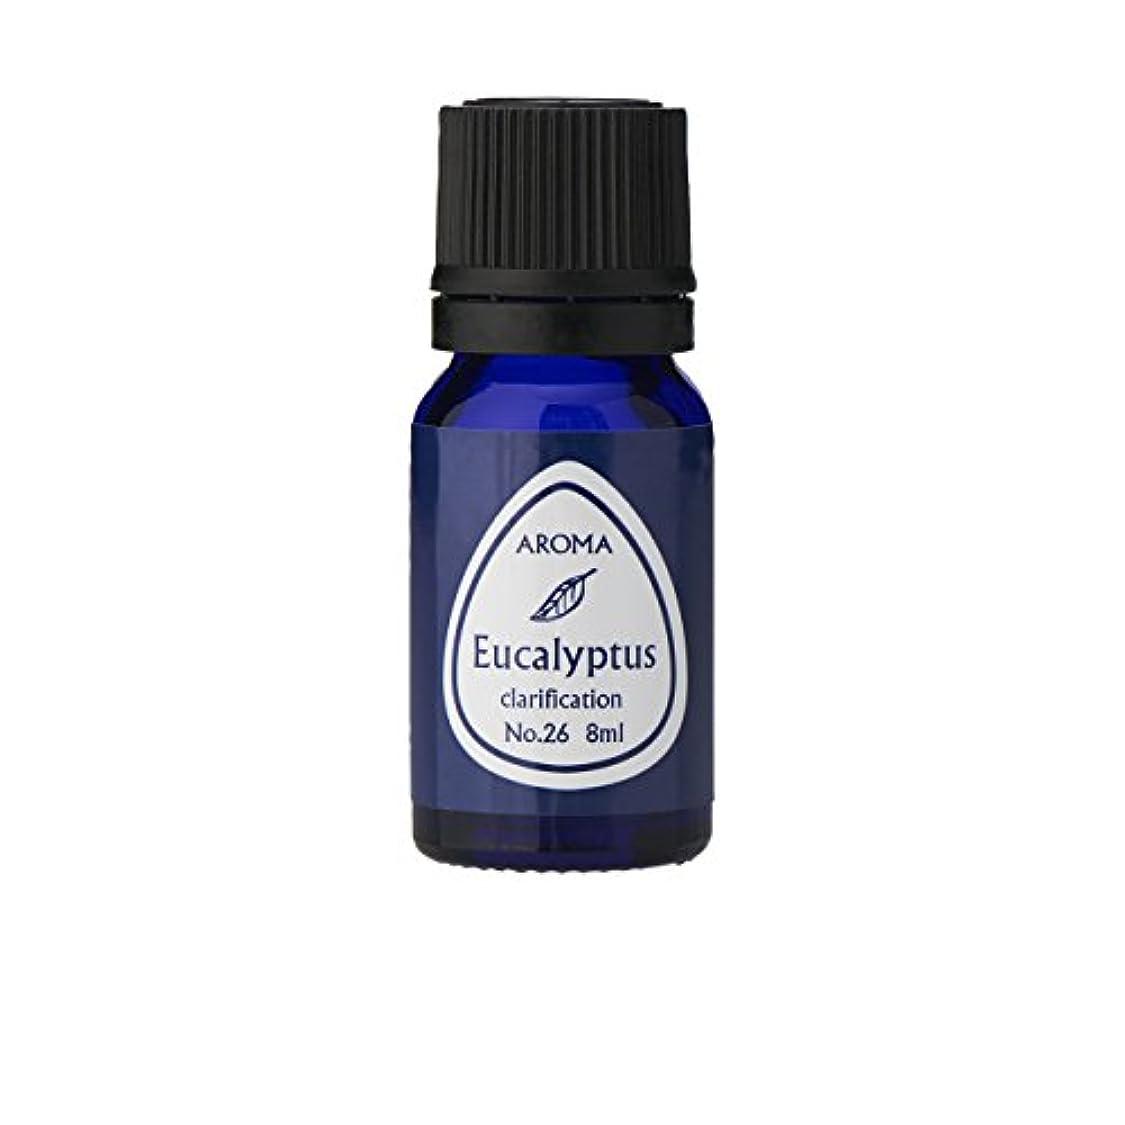 セクタ戦略物質ブルーラベル アロマエッセンス8ml ユーカリ(アロマオイル 調合香料 芳香用)